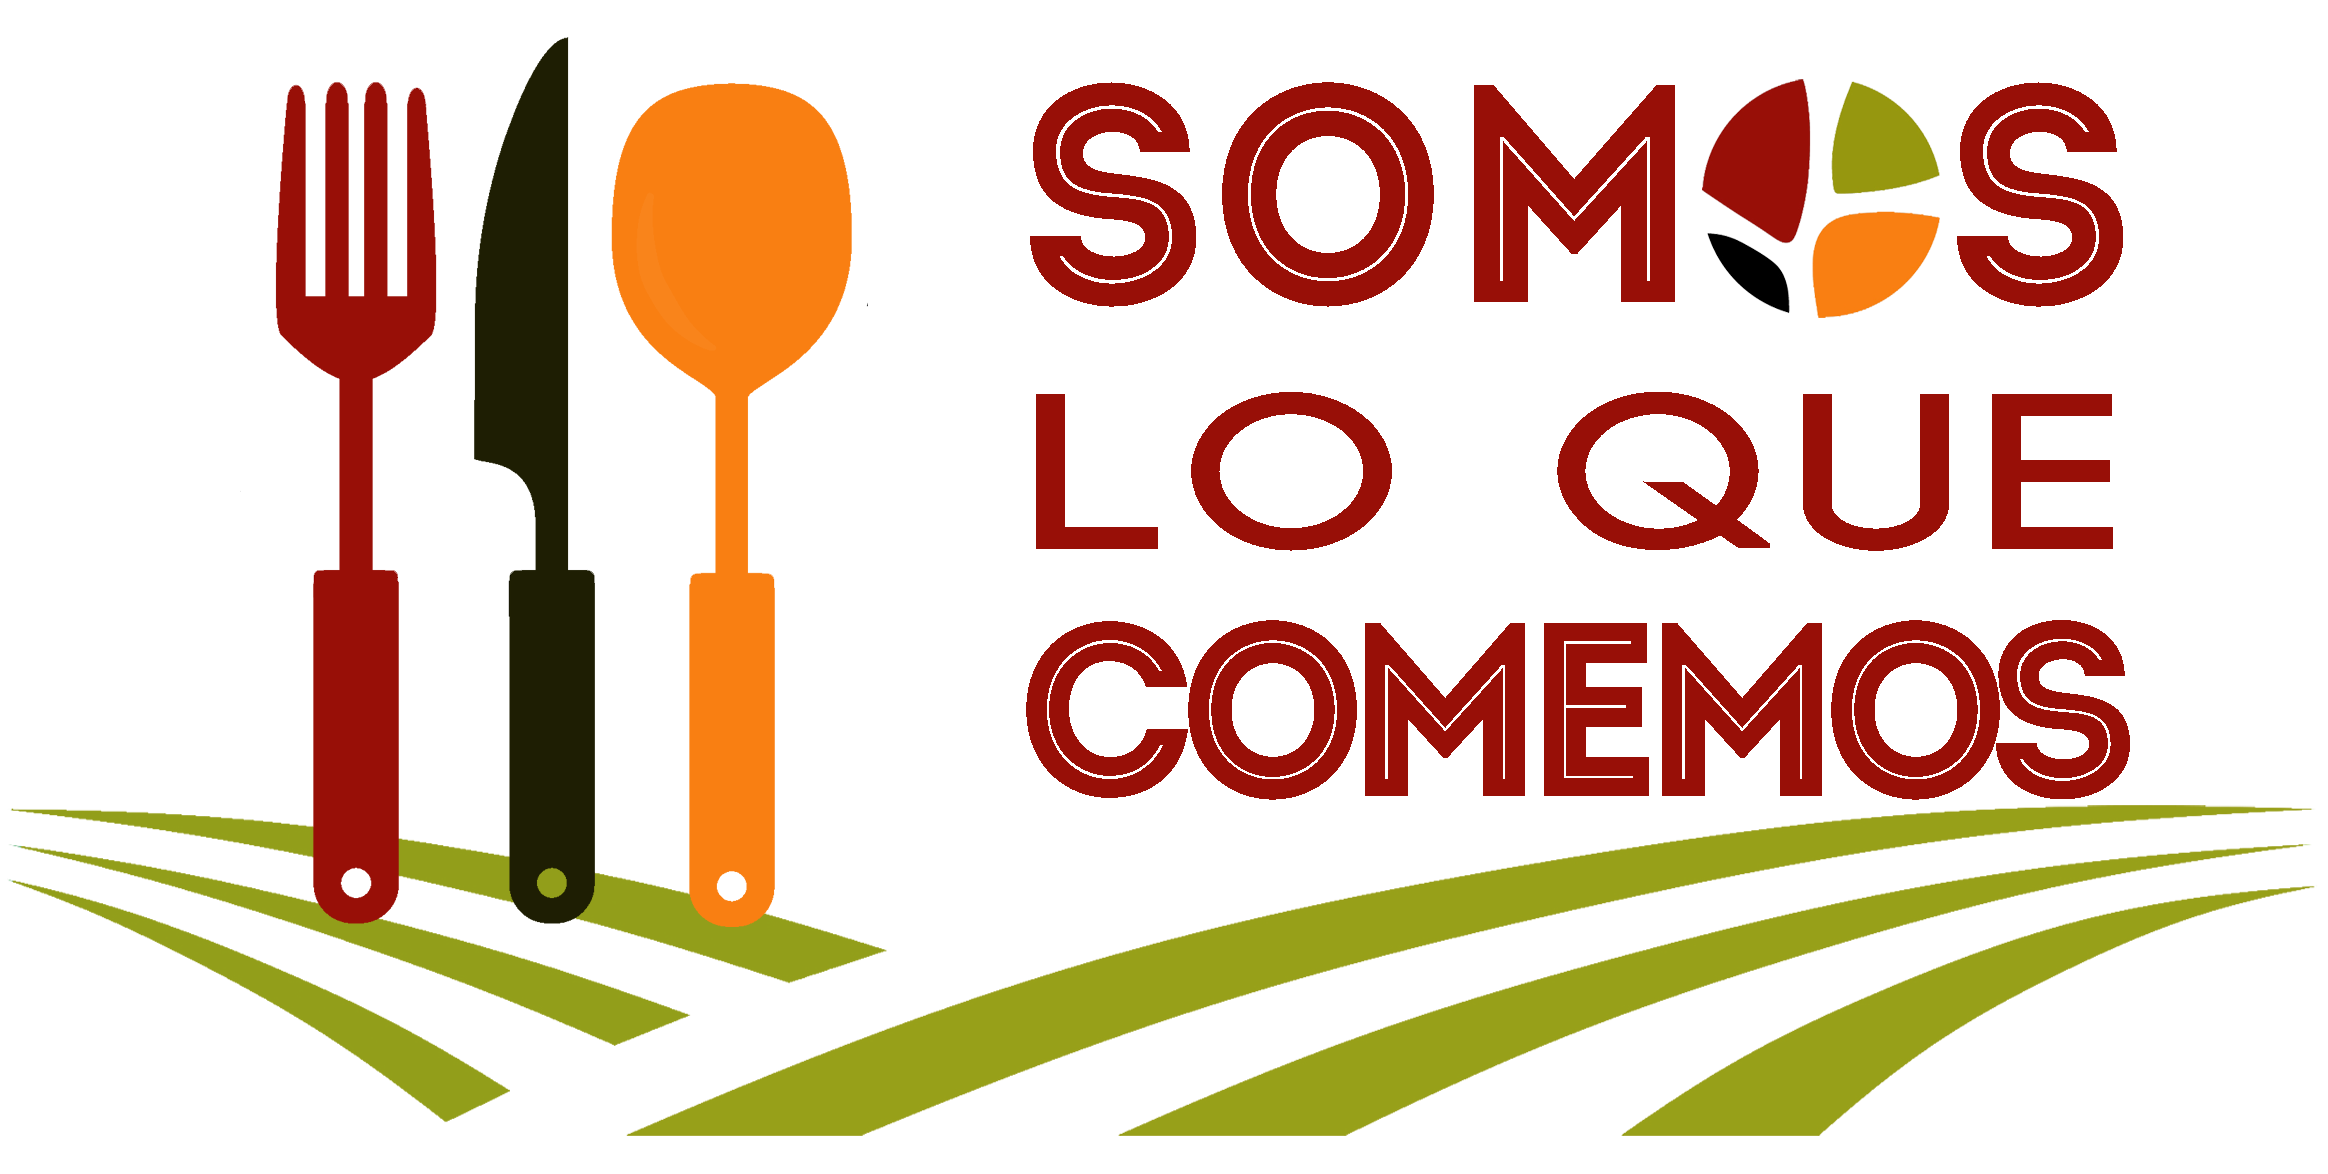 Un nuevo proyecto dinamizará el consumo de alimentos justos y sostenibles en la comarca de Tarazona y el Moncayo